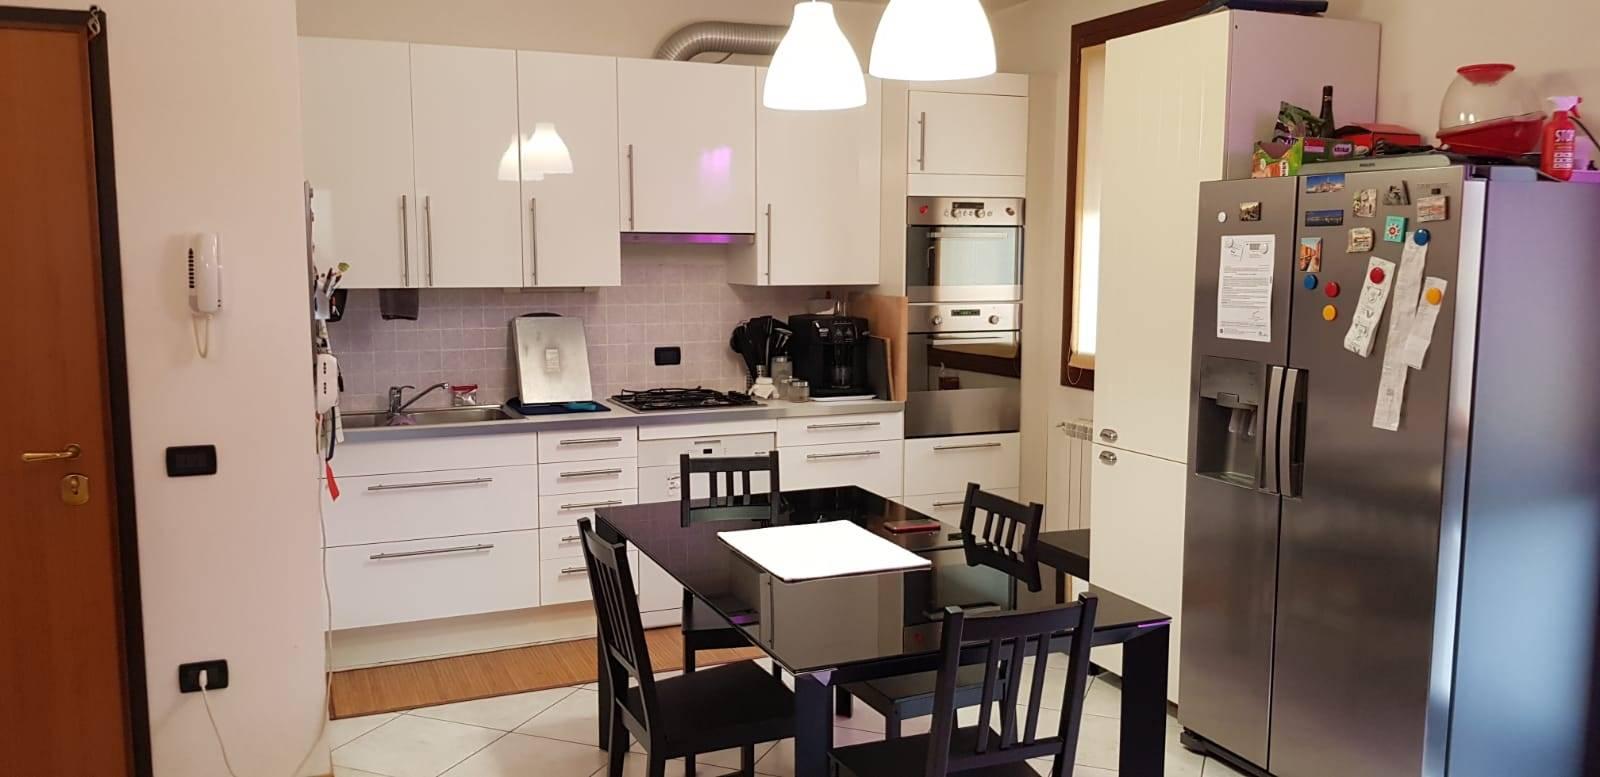 Appartamento in vendita a Zero Branco, 3 locali, zona Località: ZERO BRANCO, prezzo € 124.000 | PortaleAgenzieImmobiliari.it